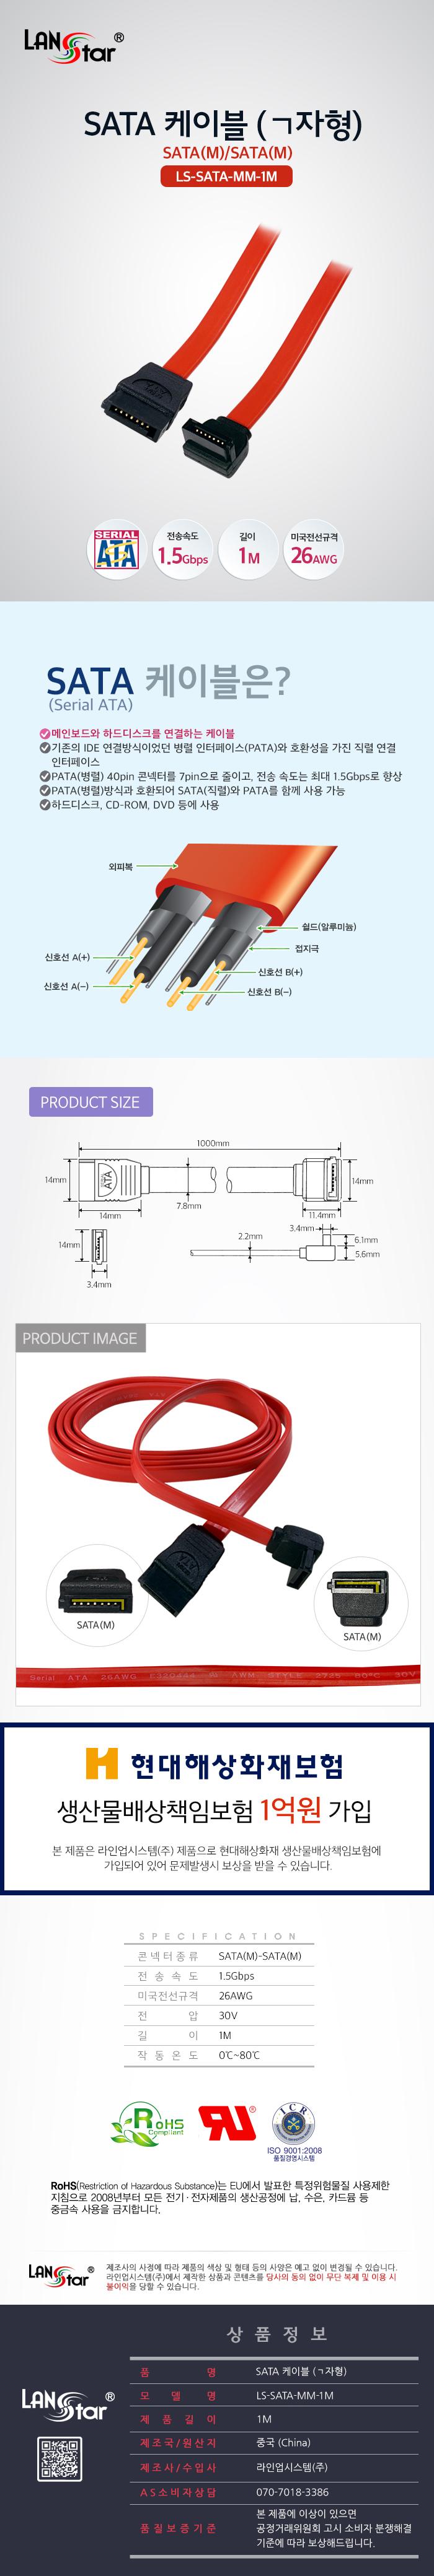 라인업시스템 LANSTAR SATA 케이블 ㄱ자형 (1m, LS-SATA-MM-1M)